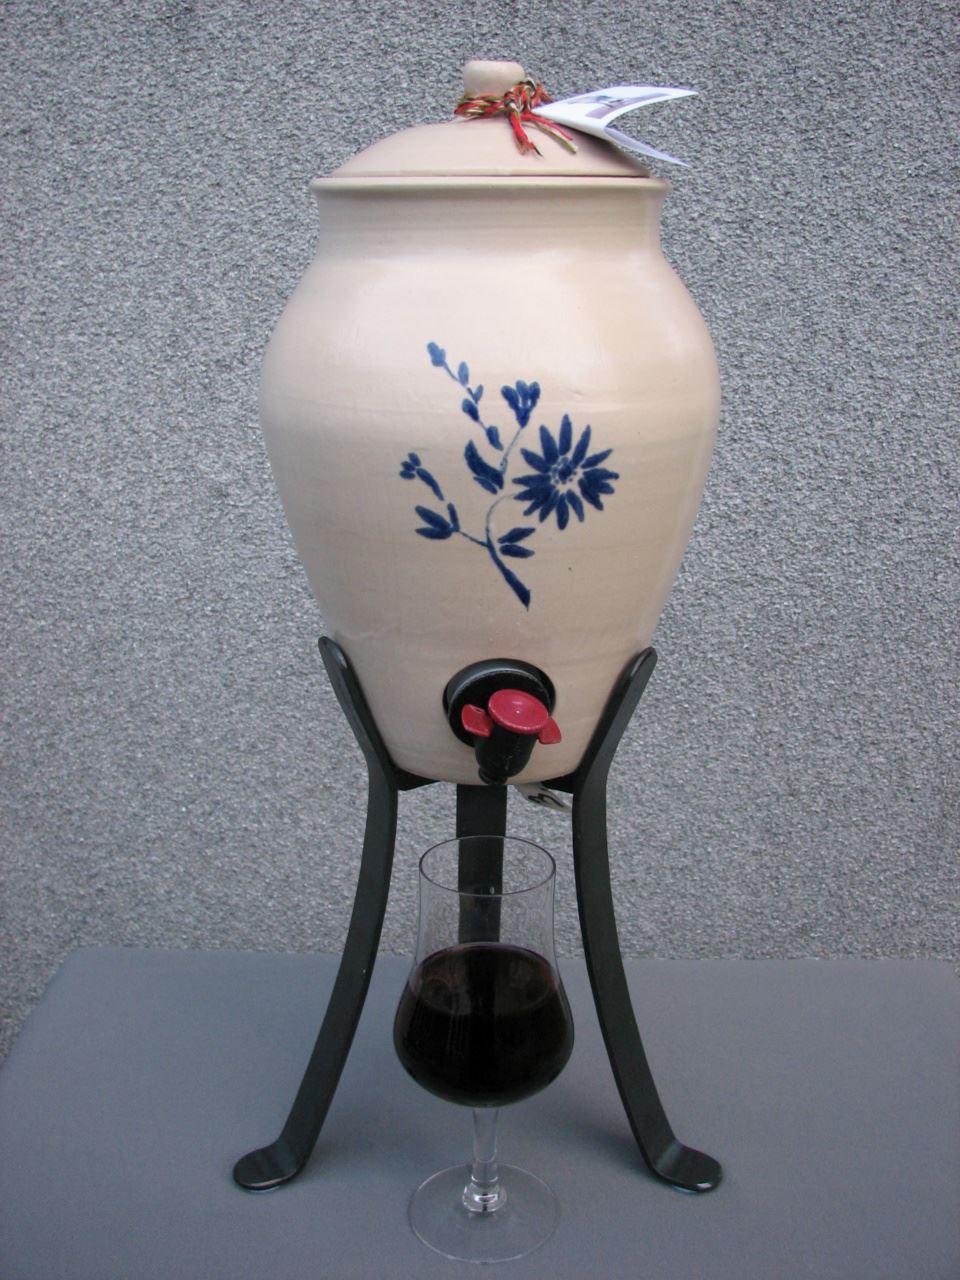 Kerstins Keramik